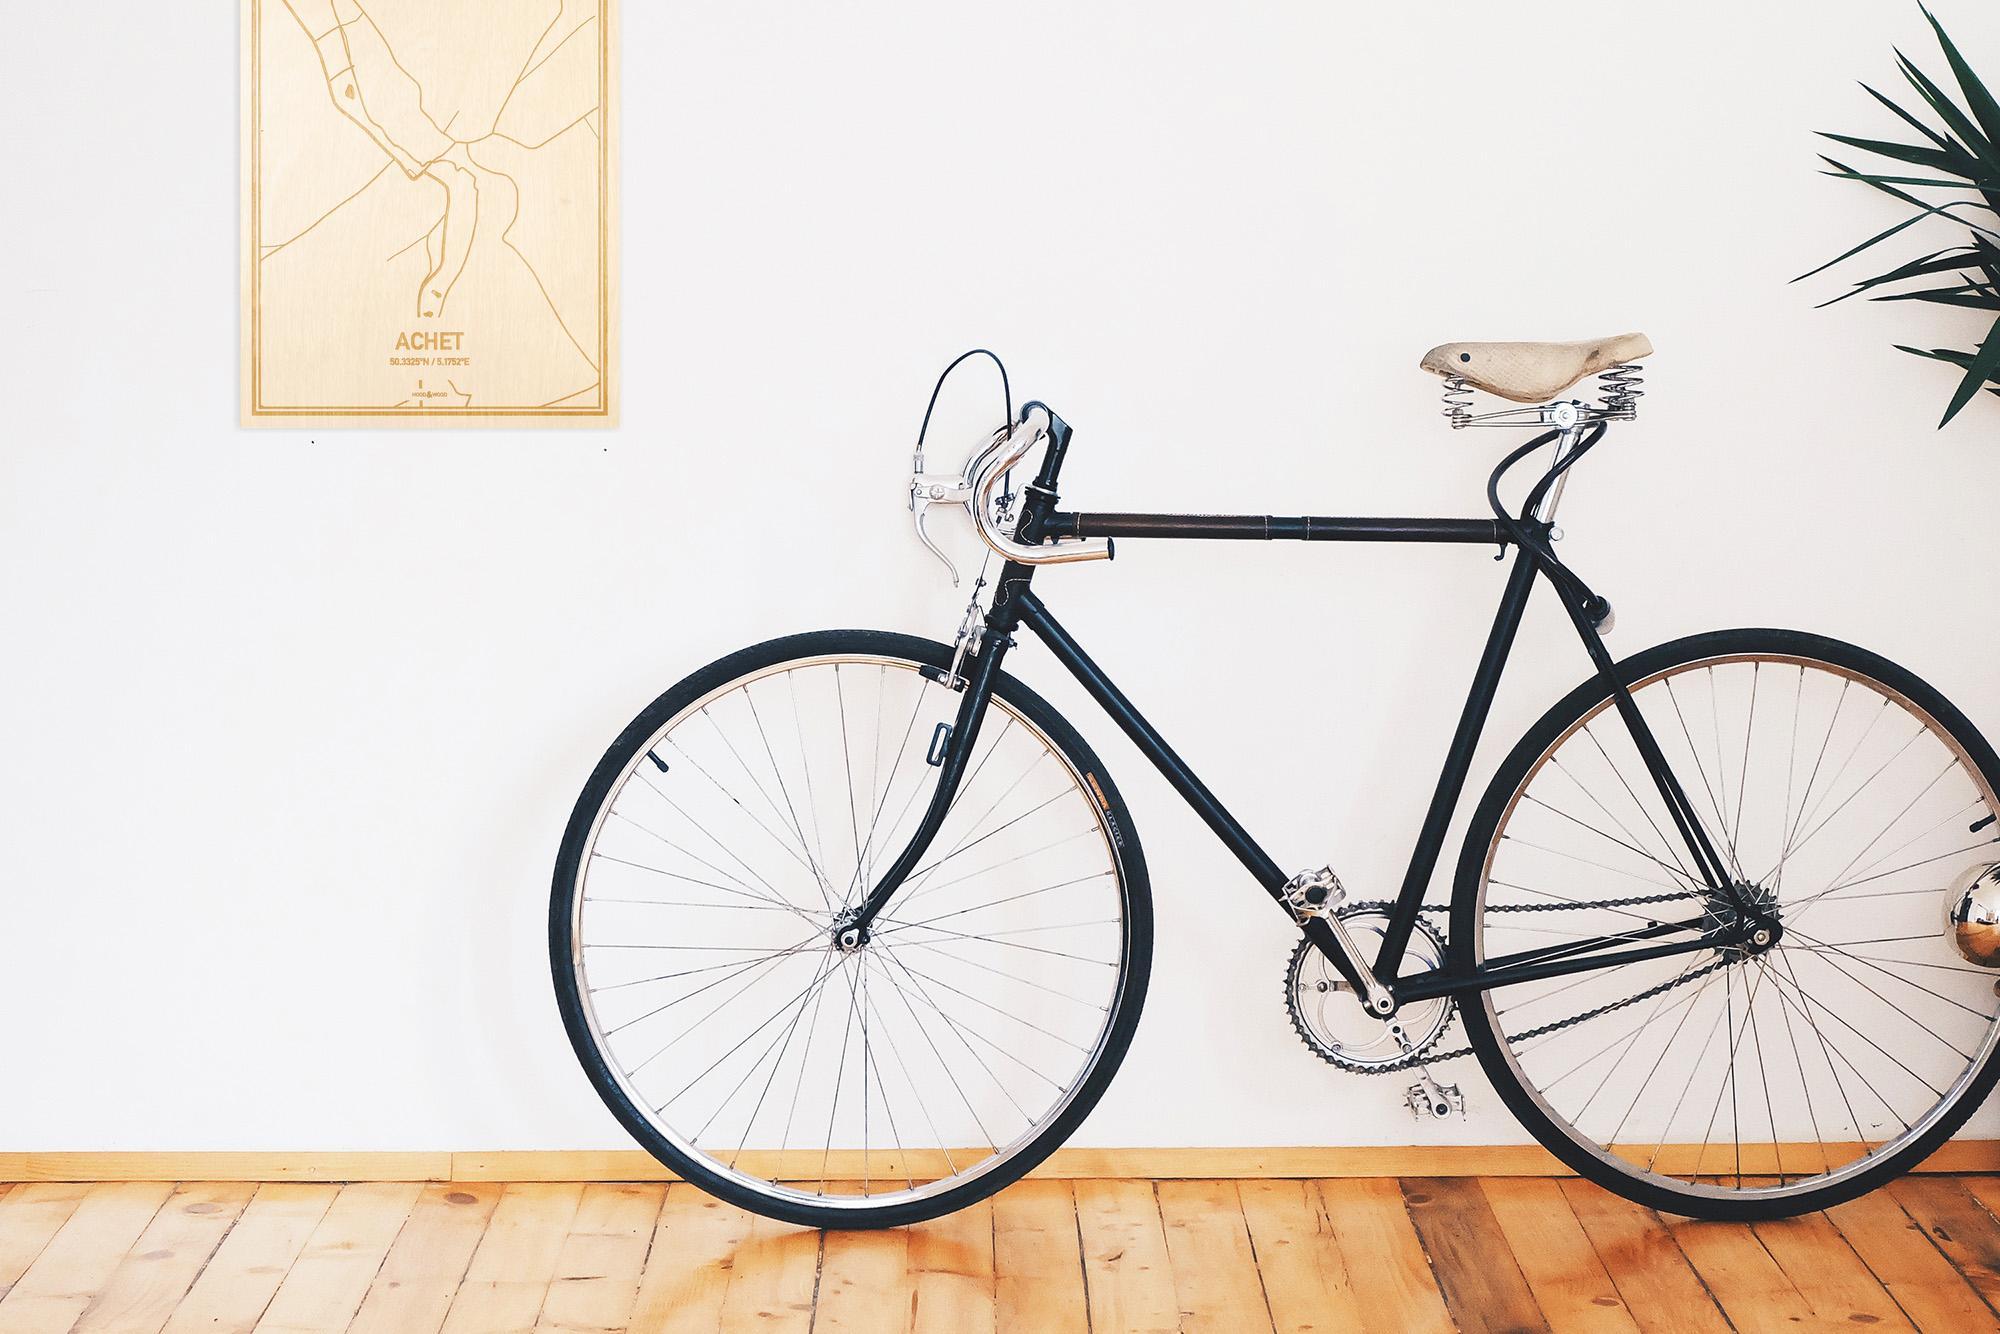 Een snelle fiets in een uniek interieur in Namen met mooie decoratie zoals de plattegrond Achet.